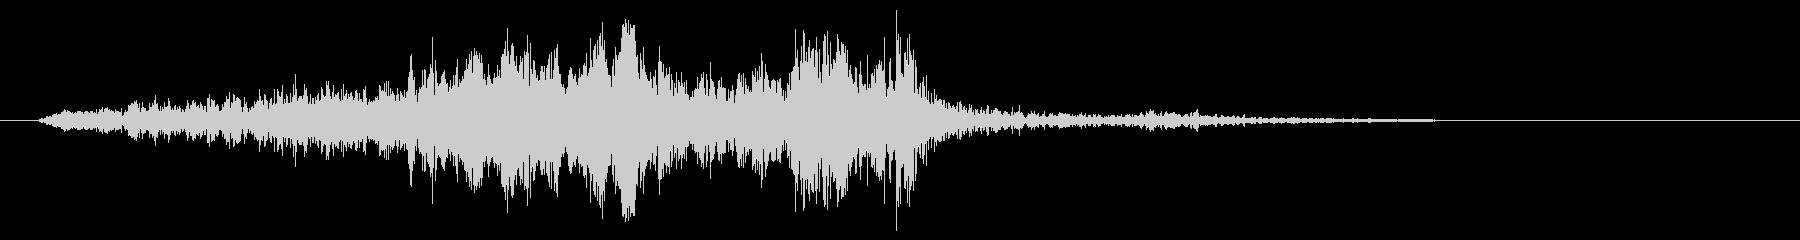 シャキーン(固い物の摩擦音)の未再生の波形